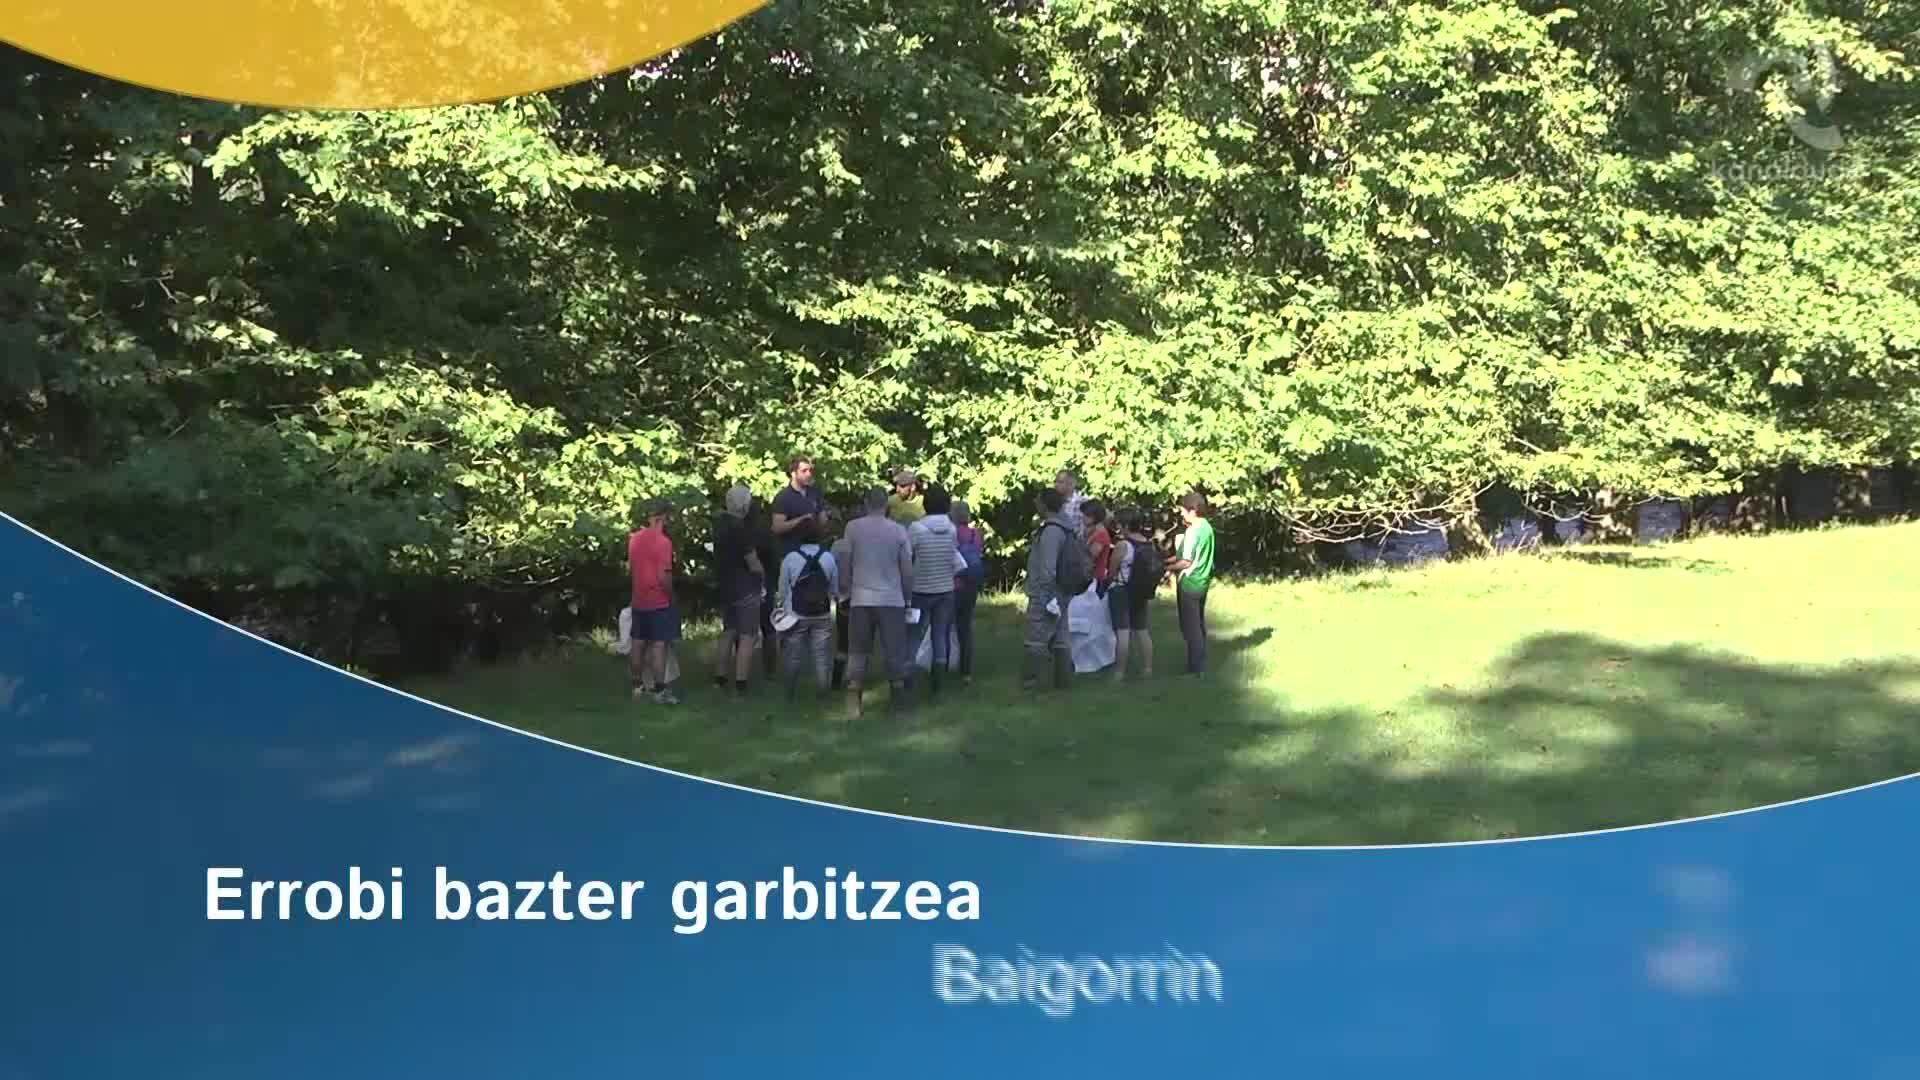 Errobi bazter garbitzea Baigorrin